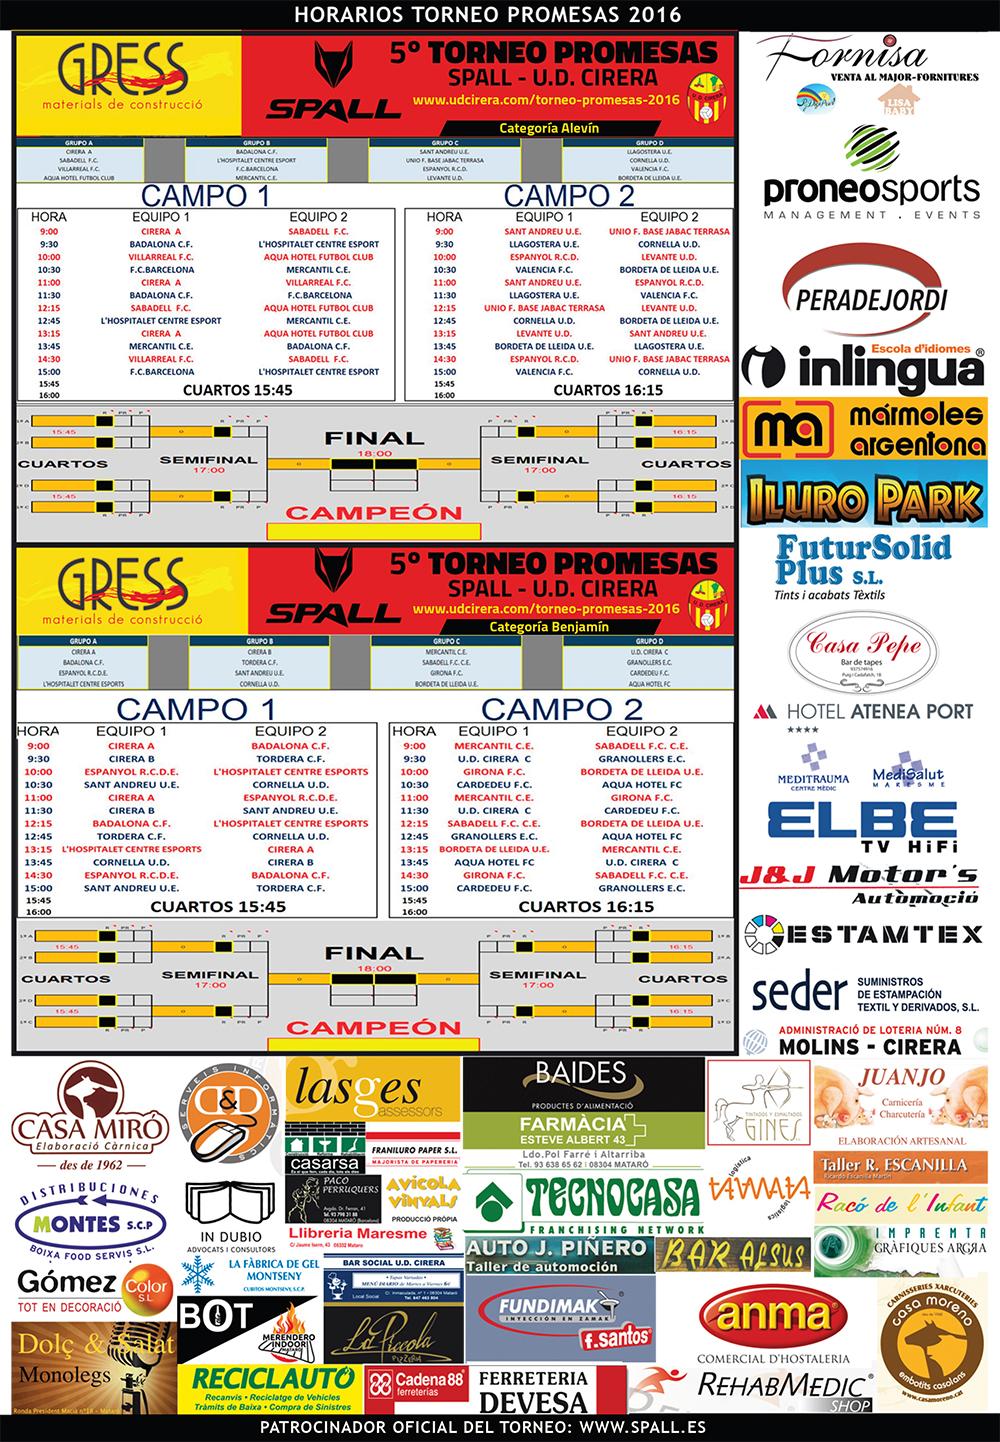 horario_torneo_con_patrocinadores_opt